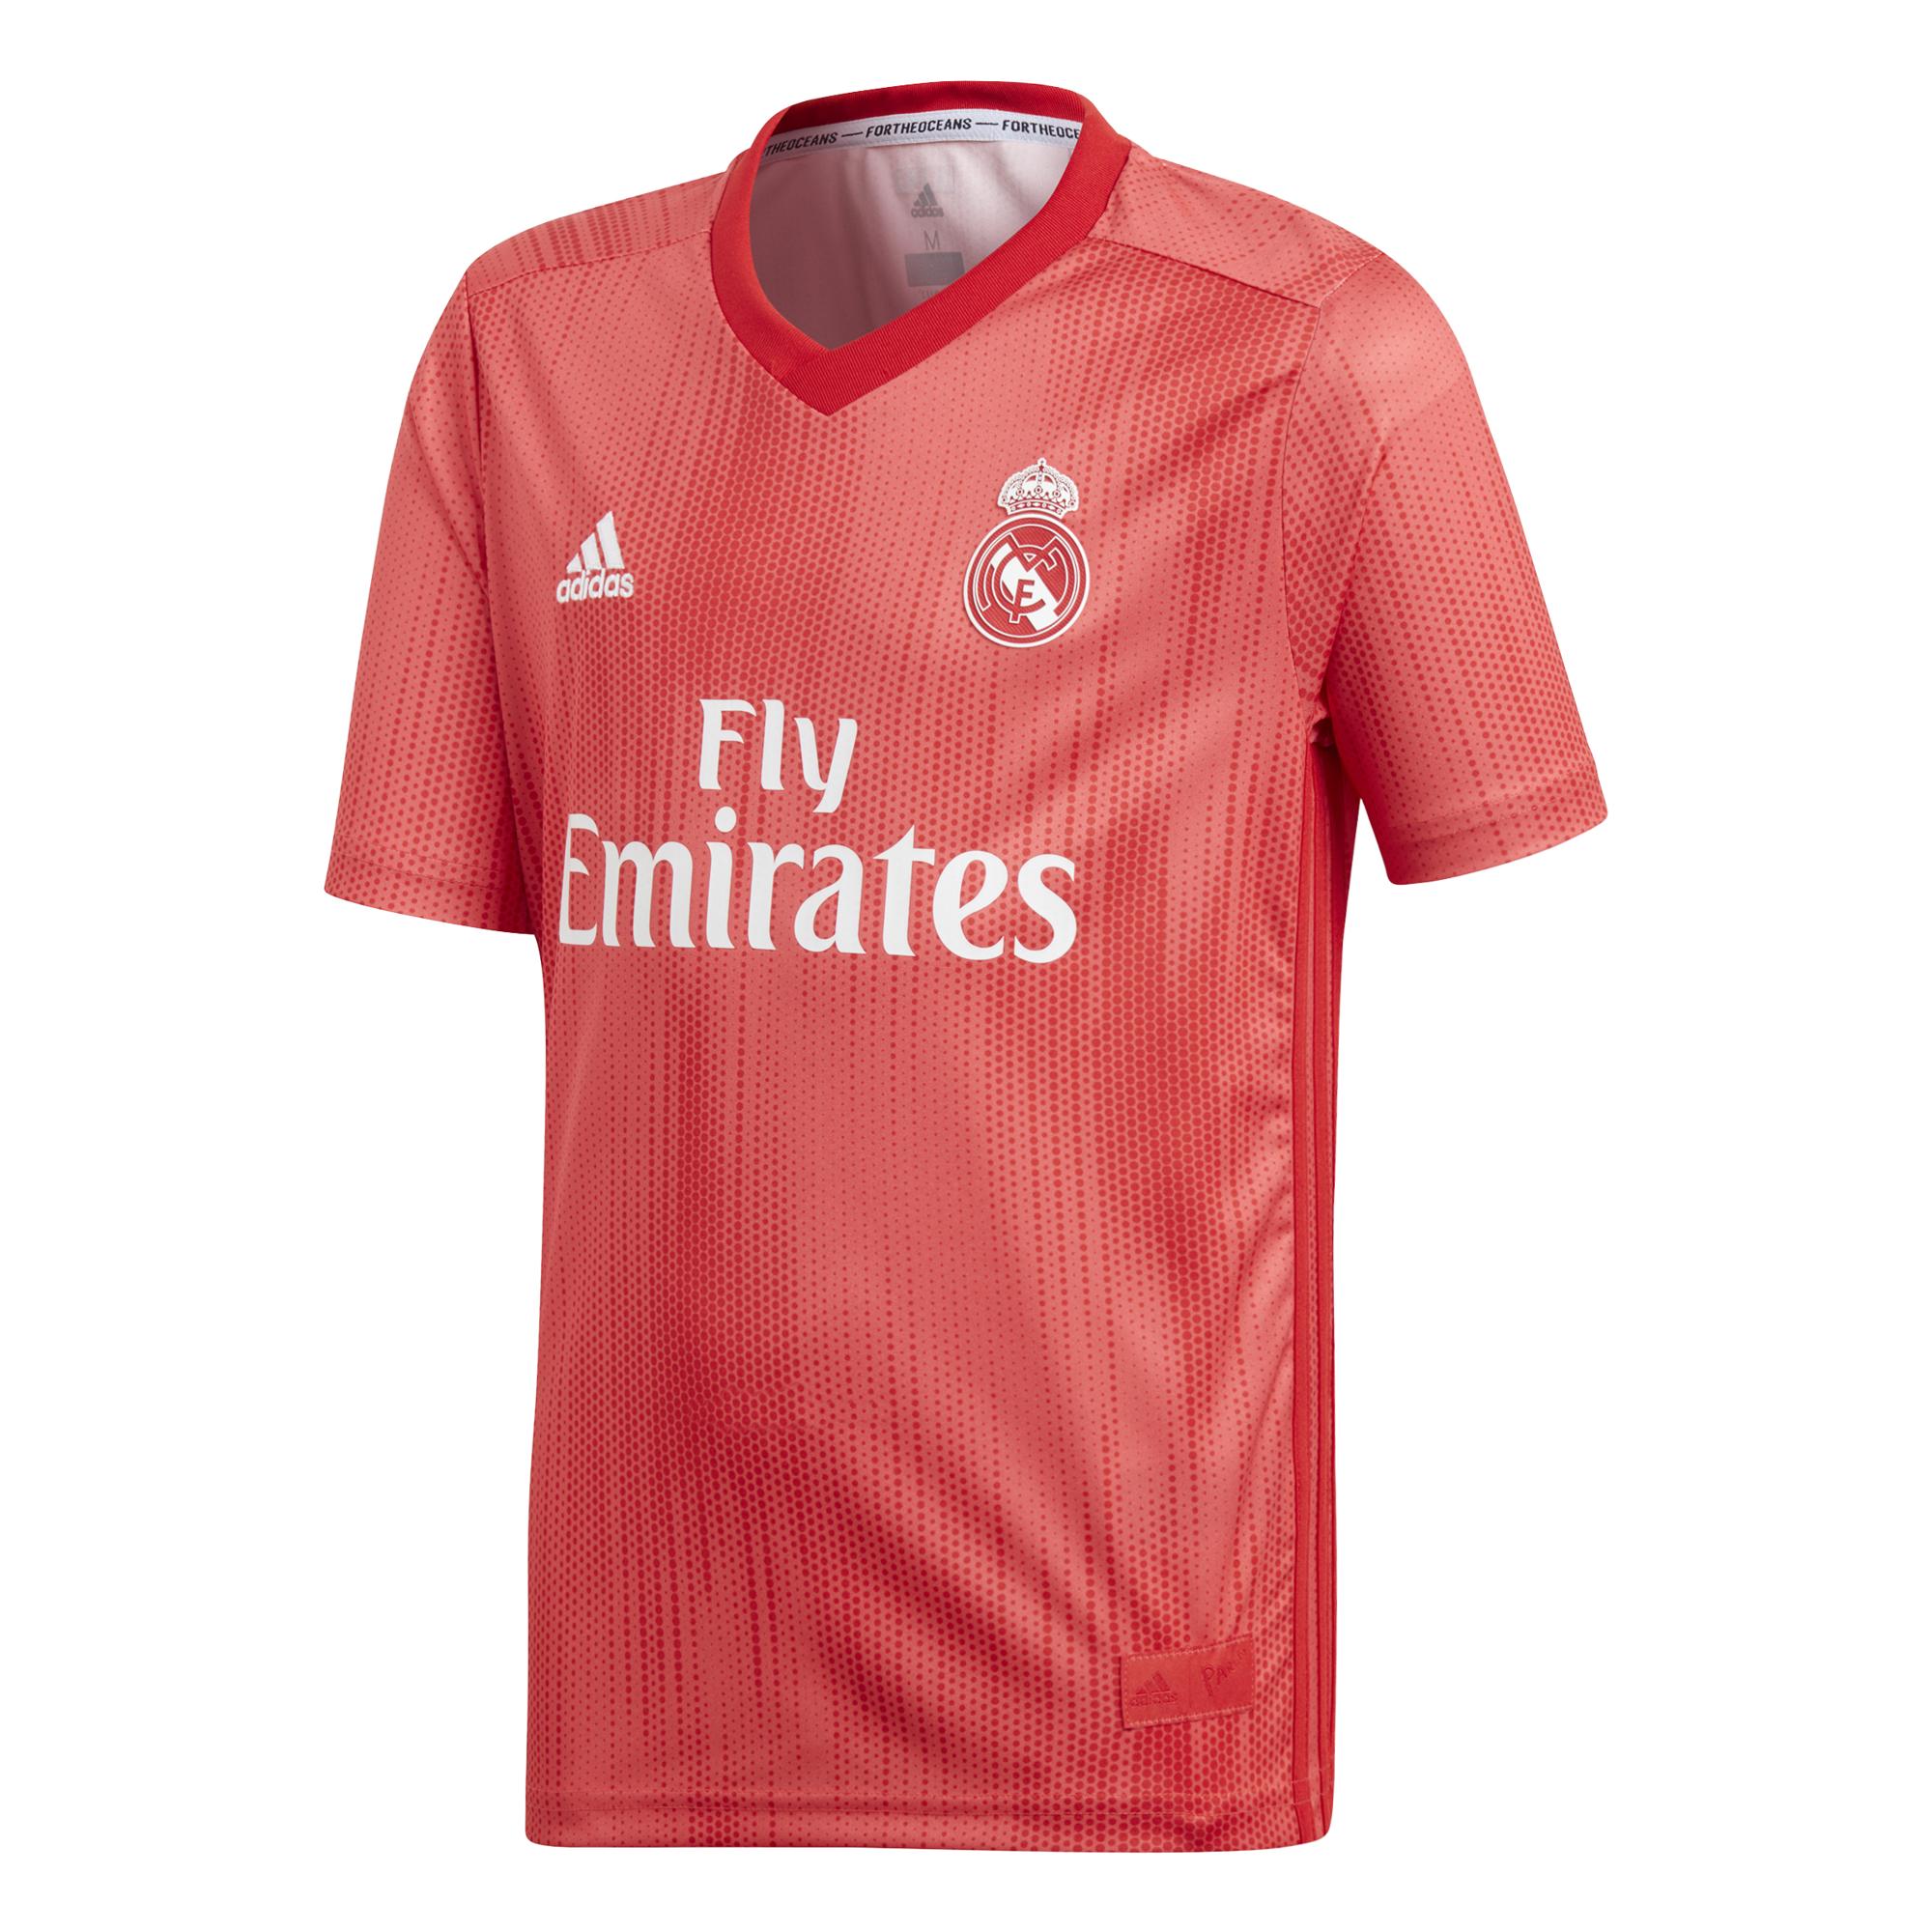 ADIDAS dres Real Madrid venkovní 2018/2019 dětský